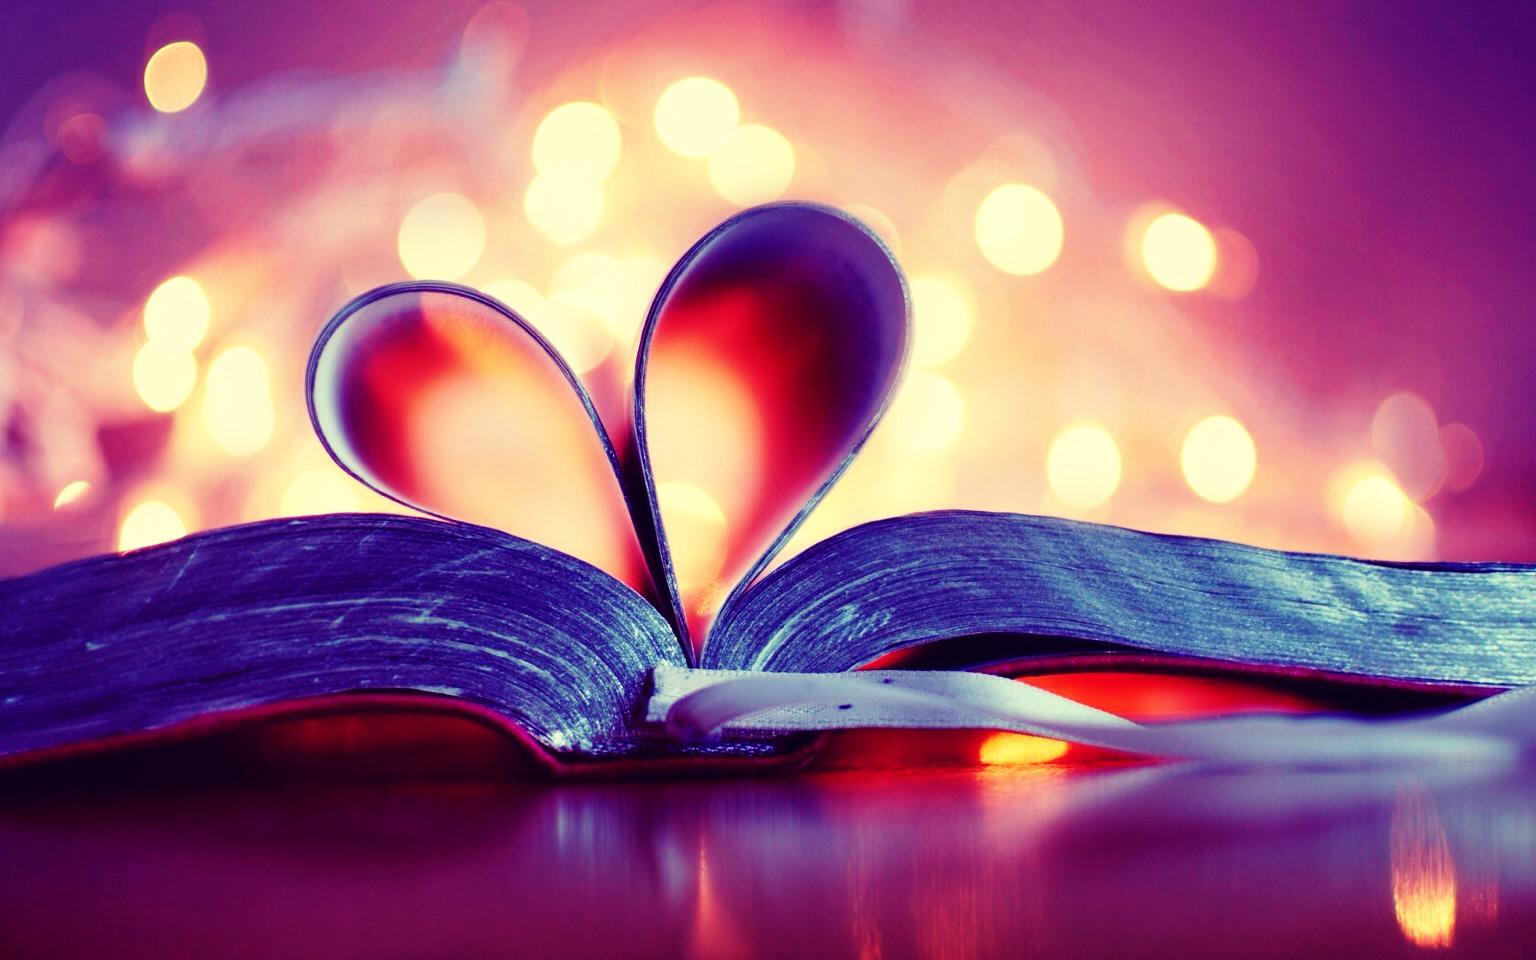 صورجميله عن الحب رومانسيه